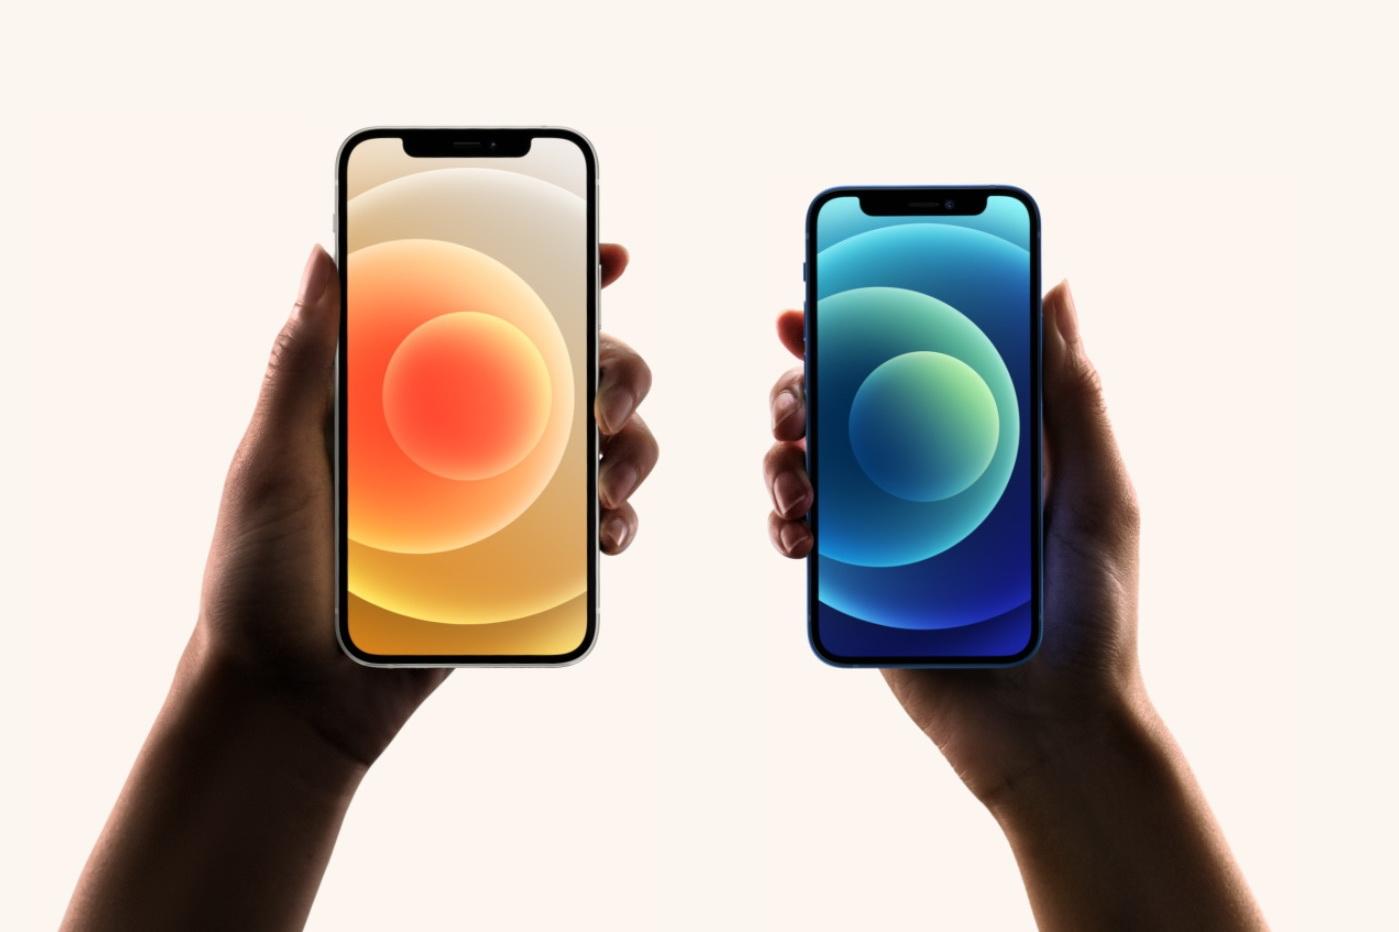 出现异常受欢迎!iPhone增加iPhone12订单信息,为什么中国人還是爱苹果?